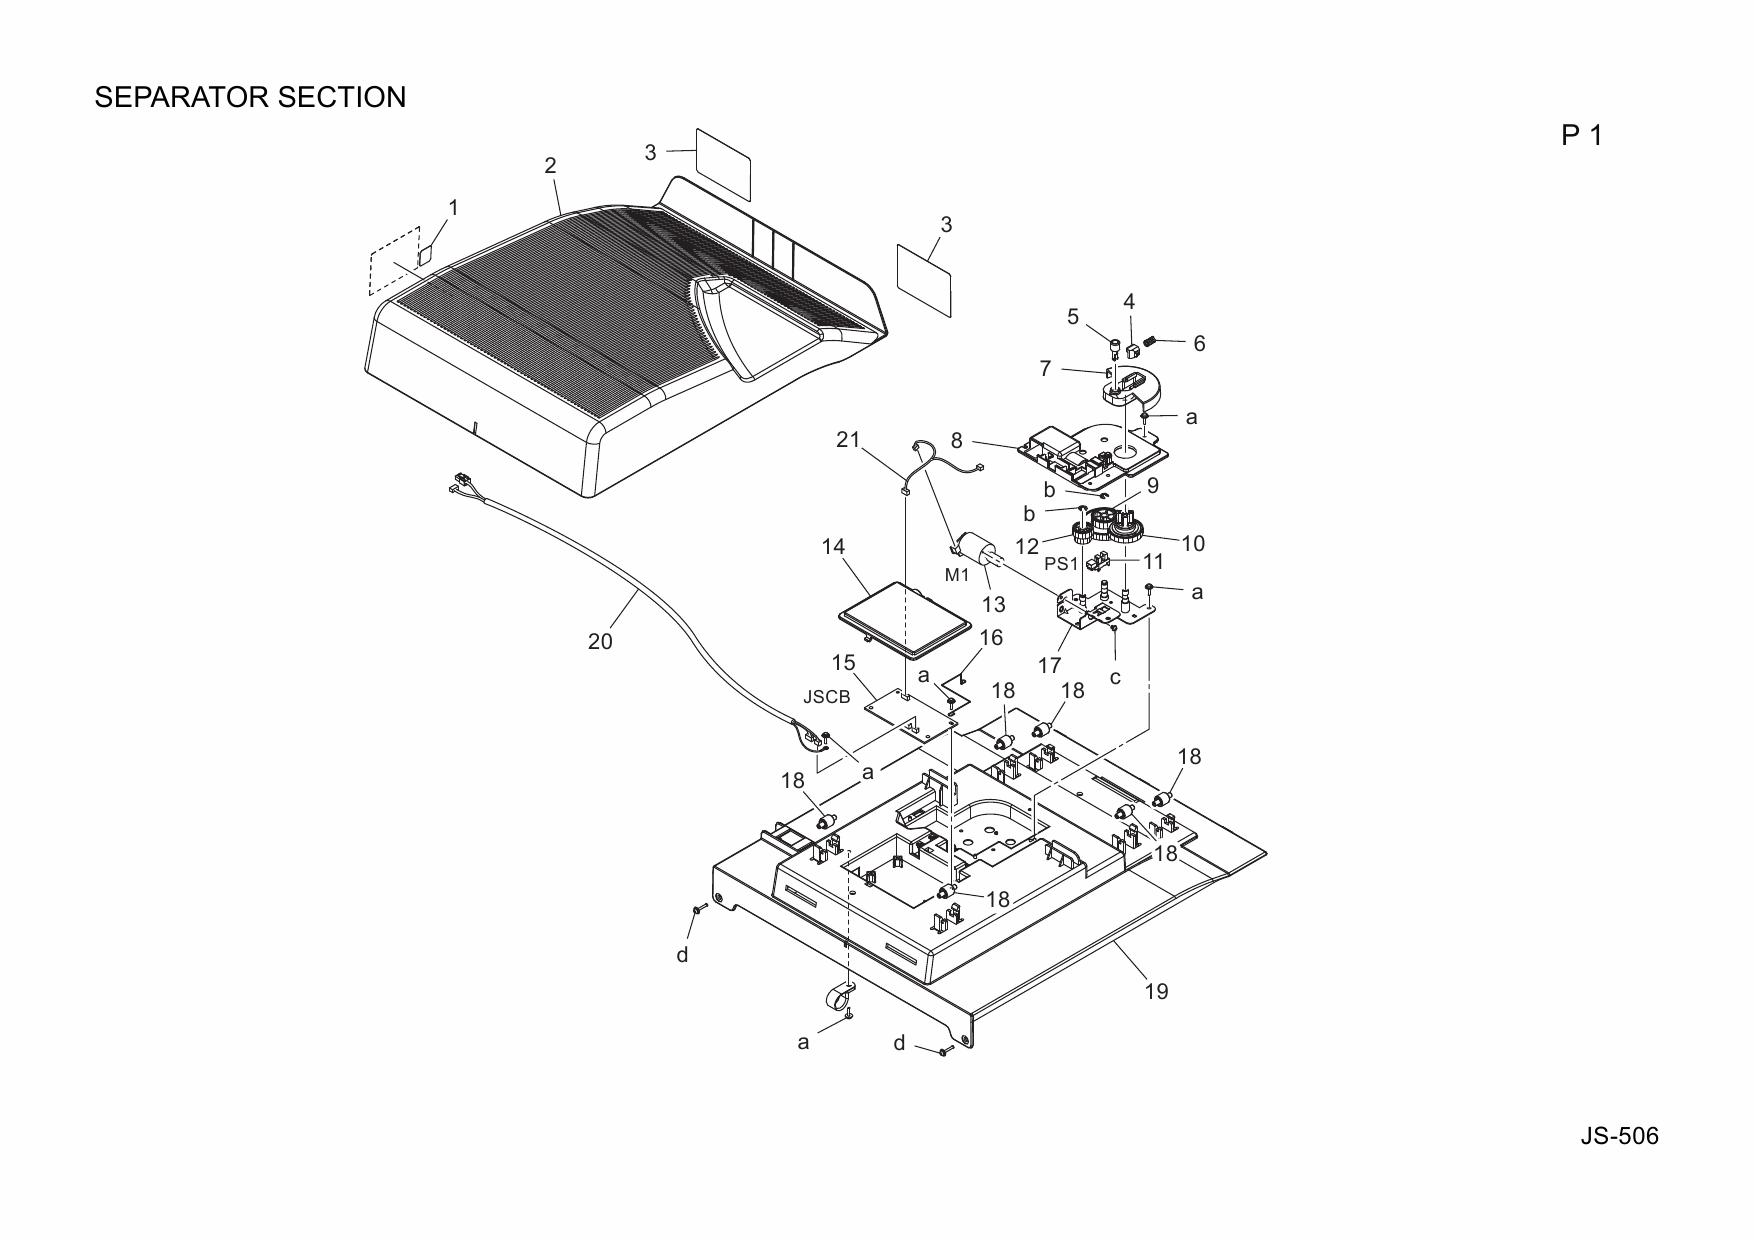 Konica-Minolta Options JS-506 A2YV Parts Manual